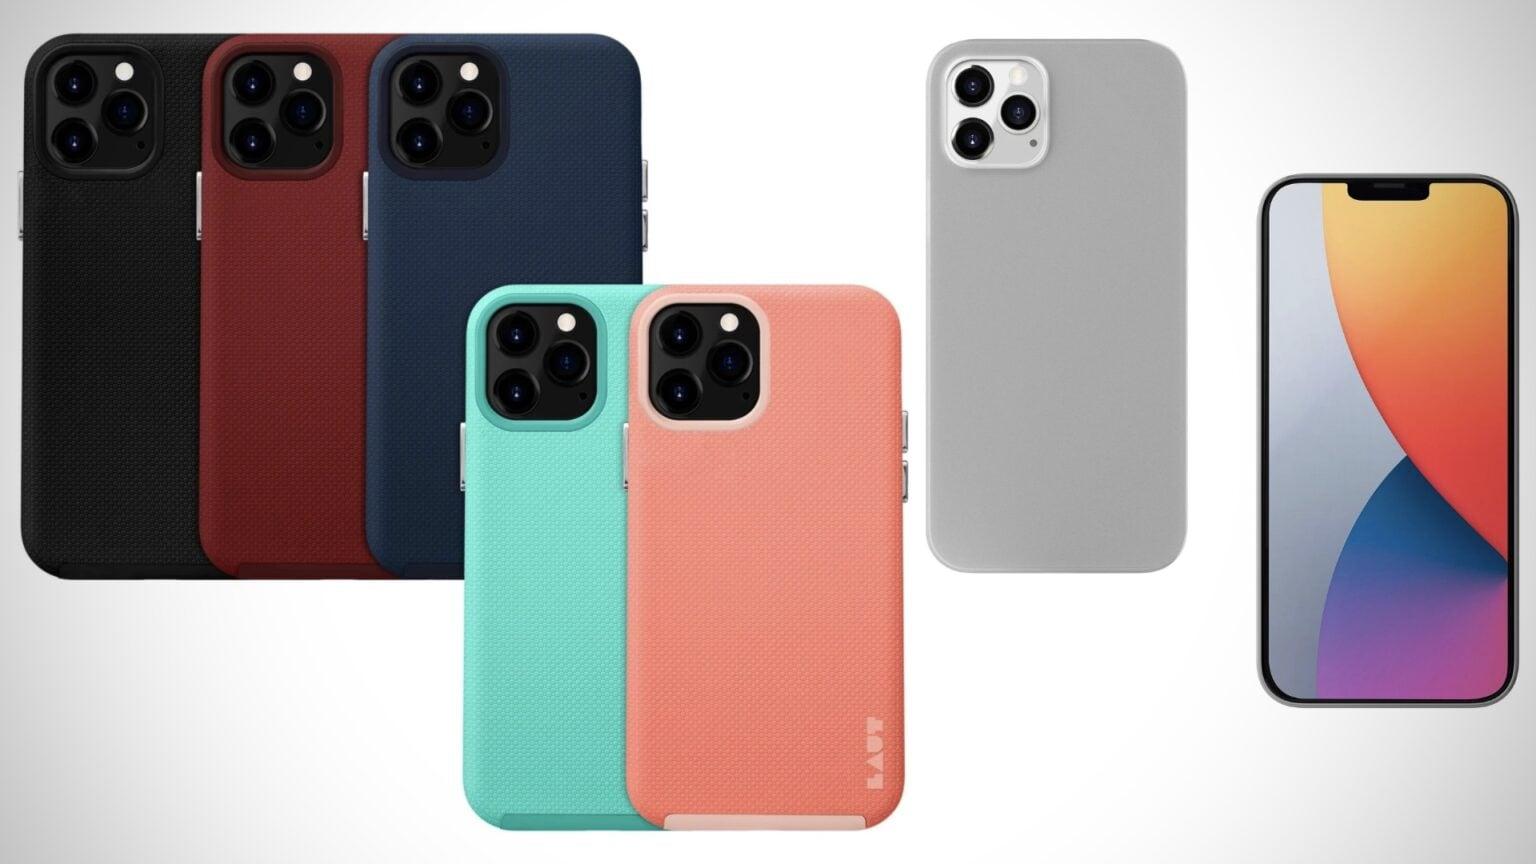 Laut iPhone 12 cases